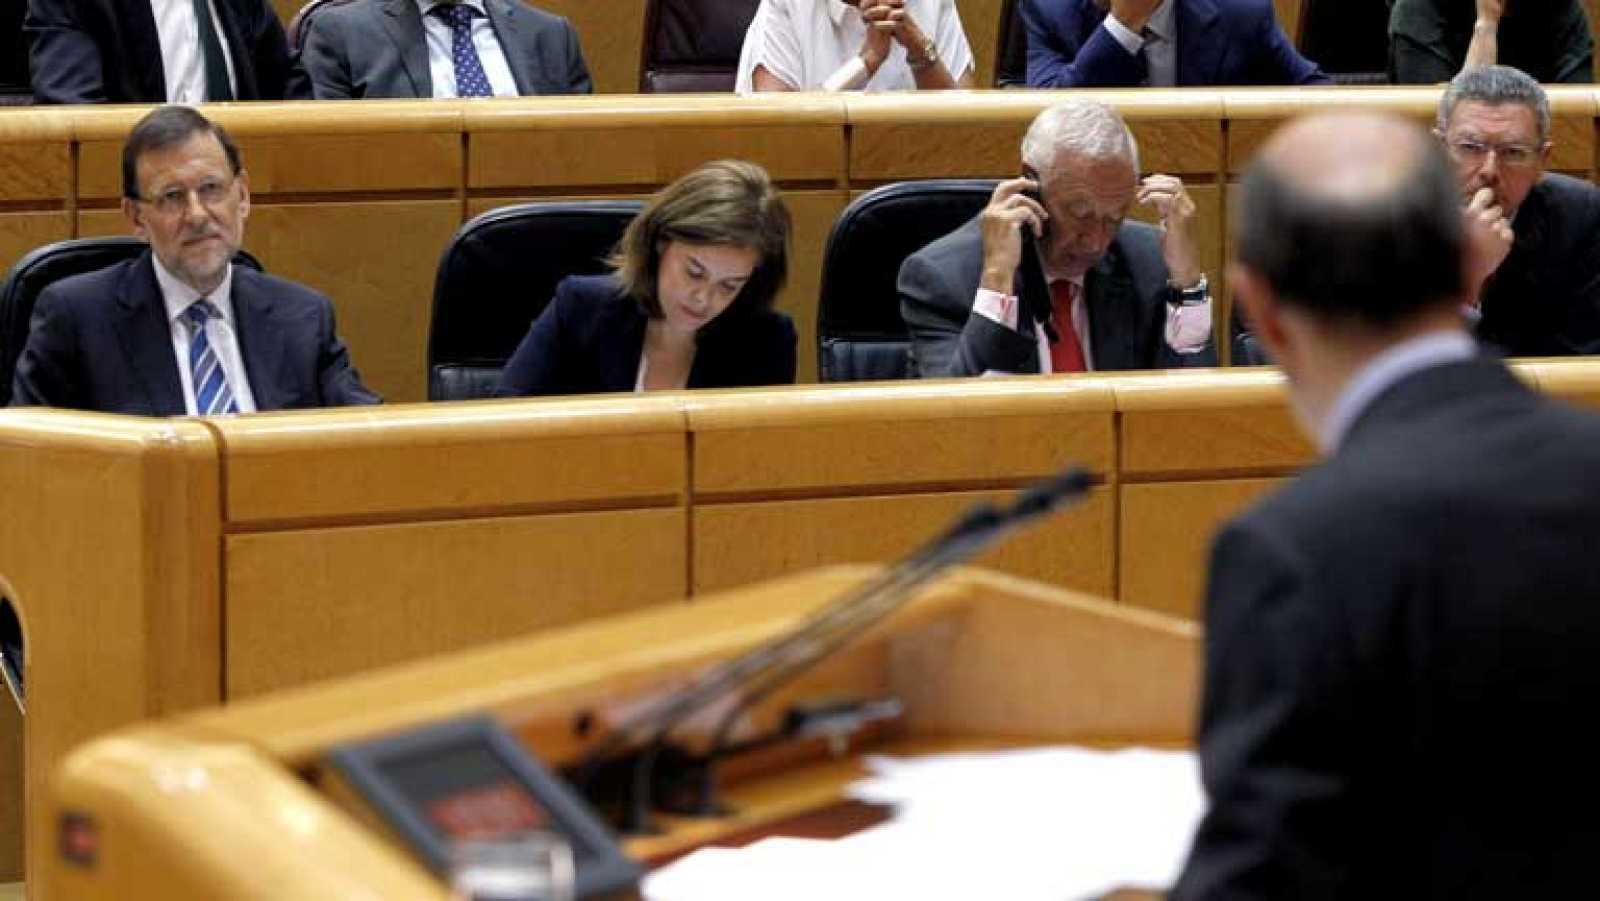 Acusaciones mútuas entre Rubalcaba y Rajoy